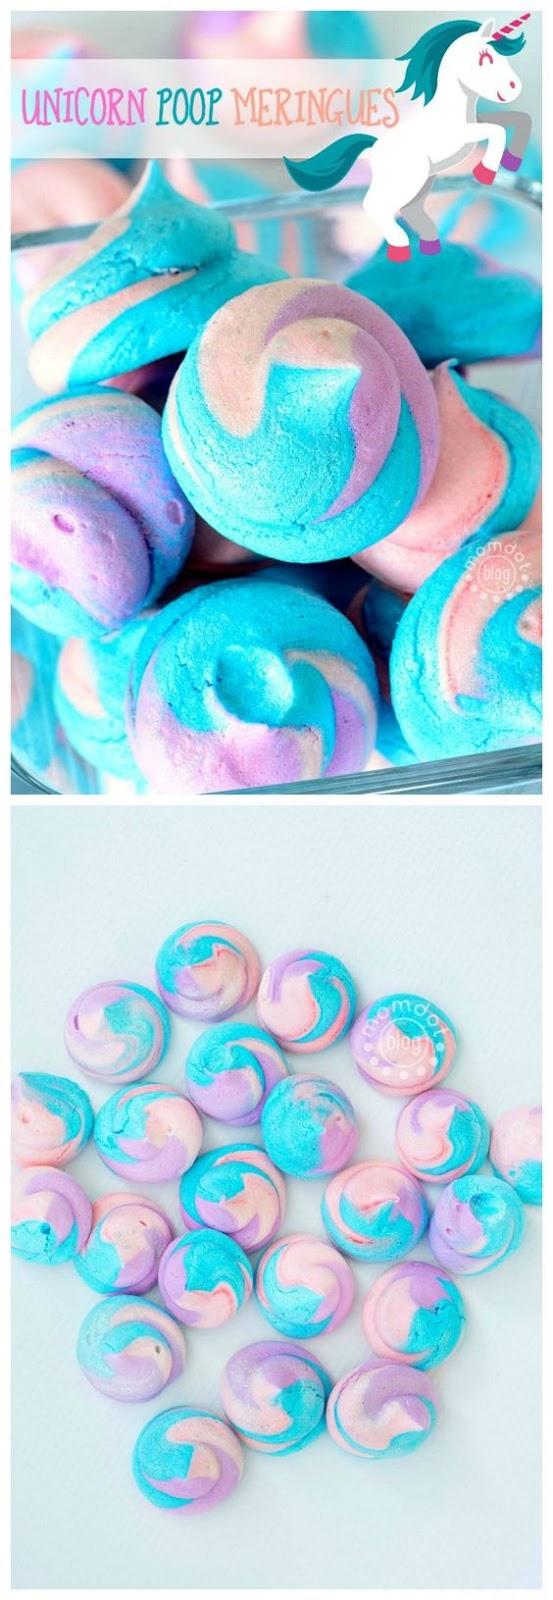 UNICORN POOP MERINGUES : EASY MERINGUE COOKIE RECIPE #unicorn #unicornpoopmeringues #easymeringues #cookierecipe #cookies